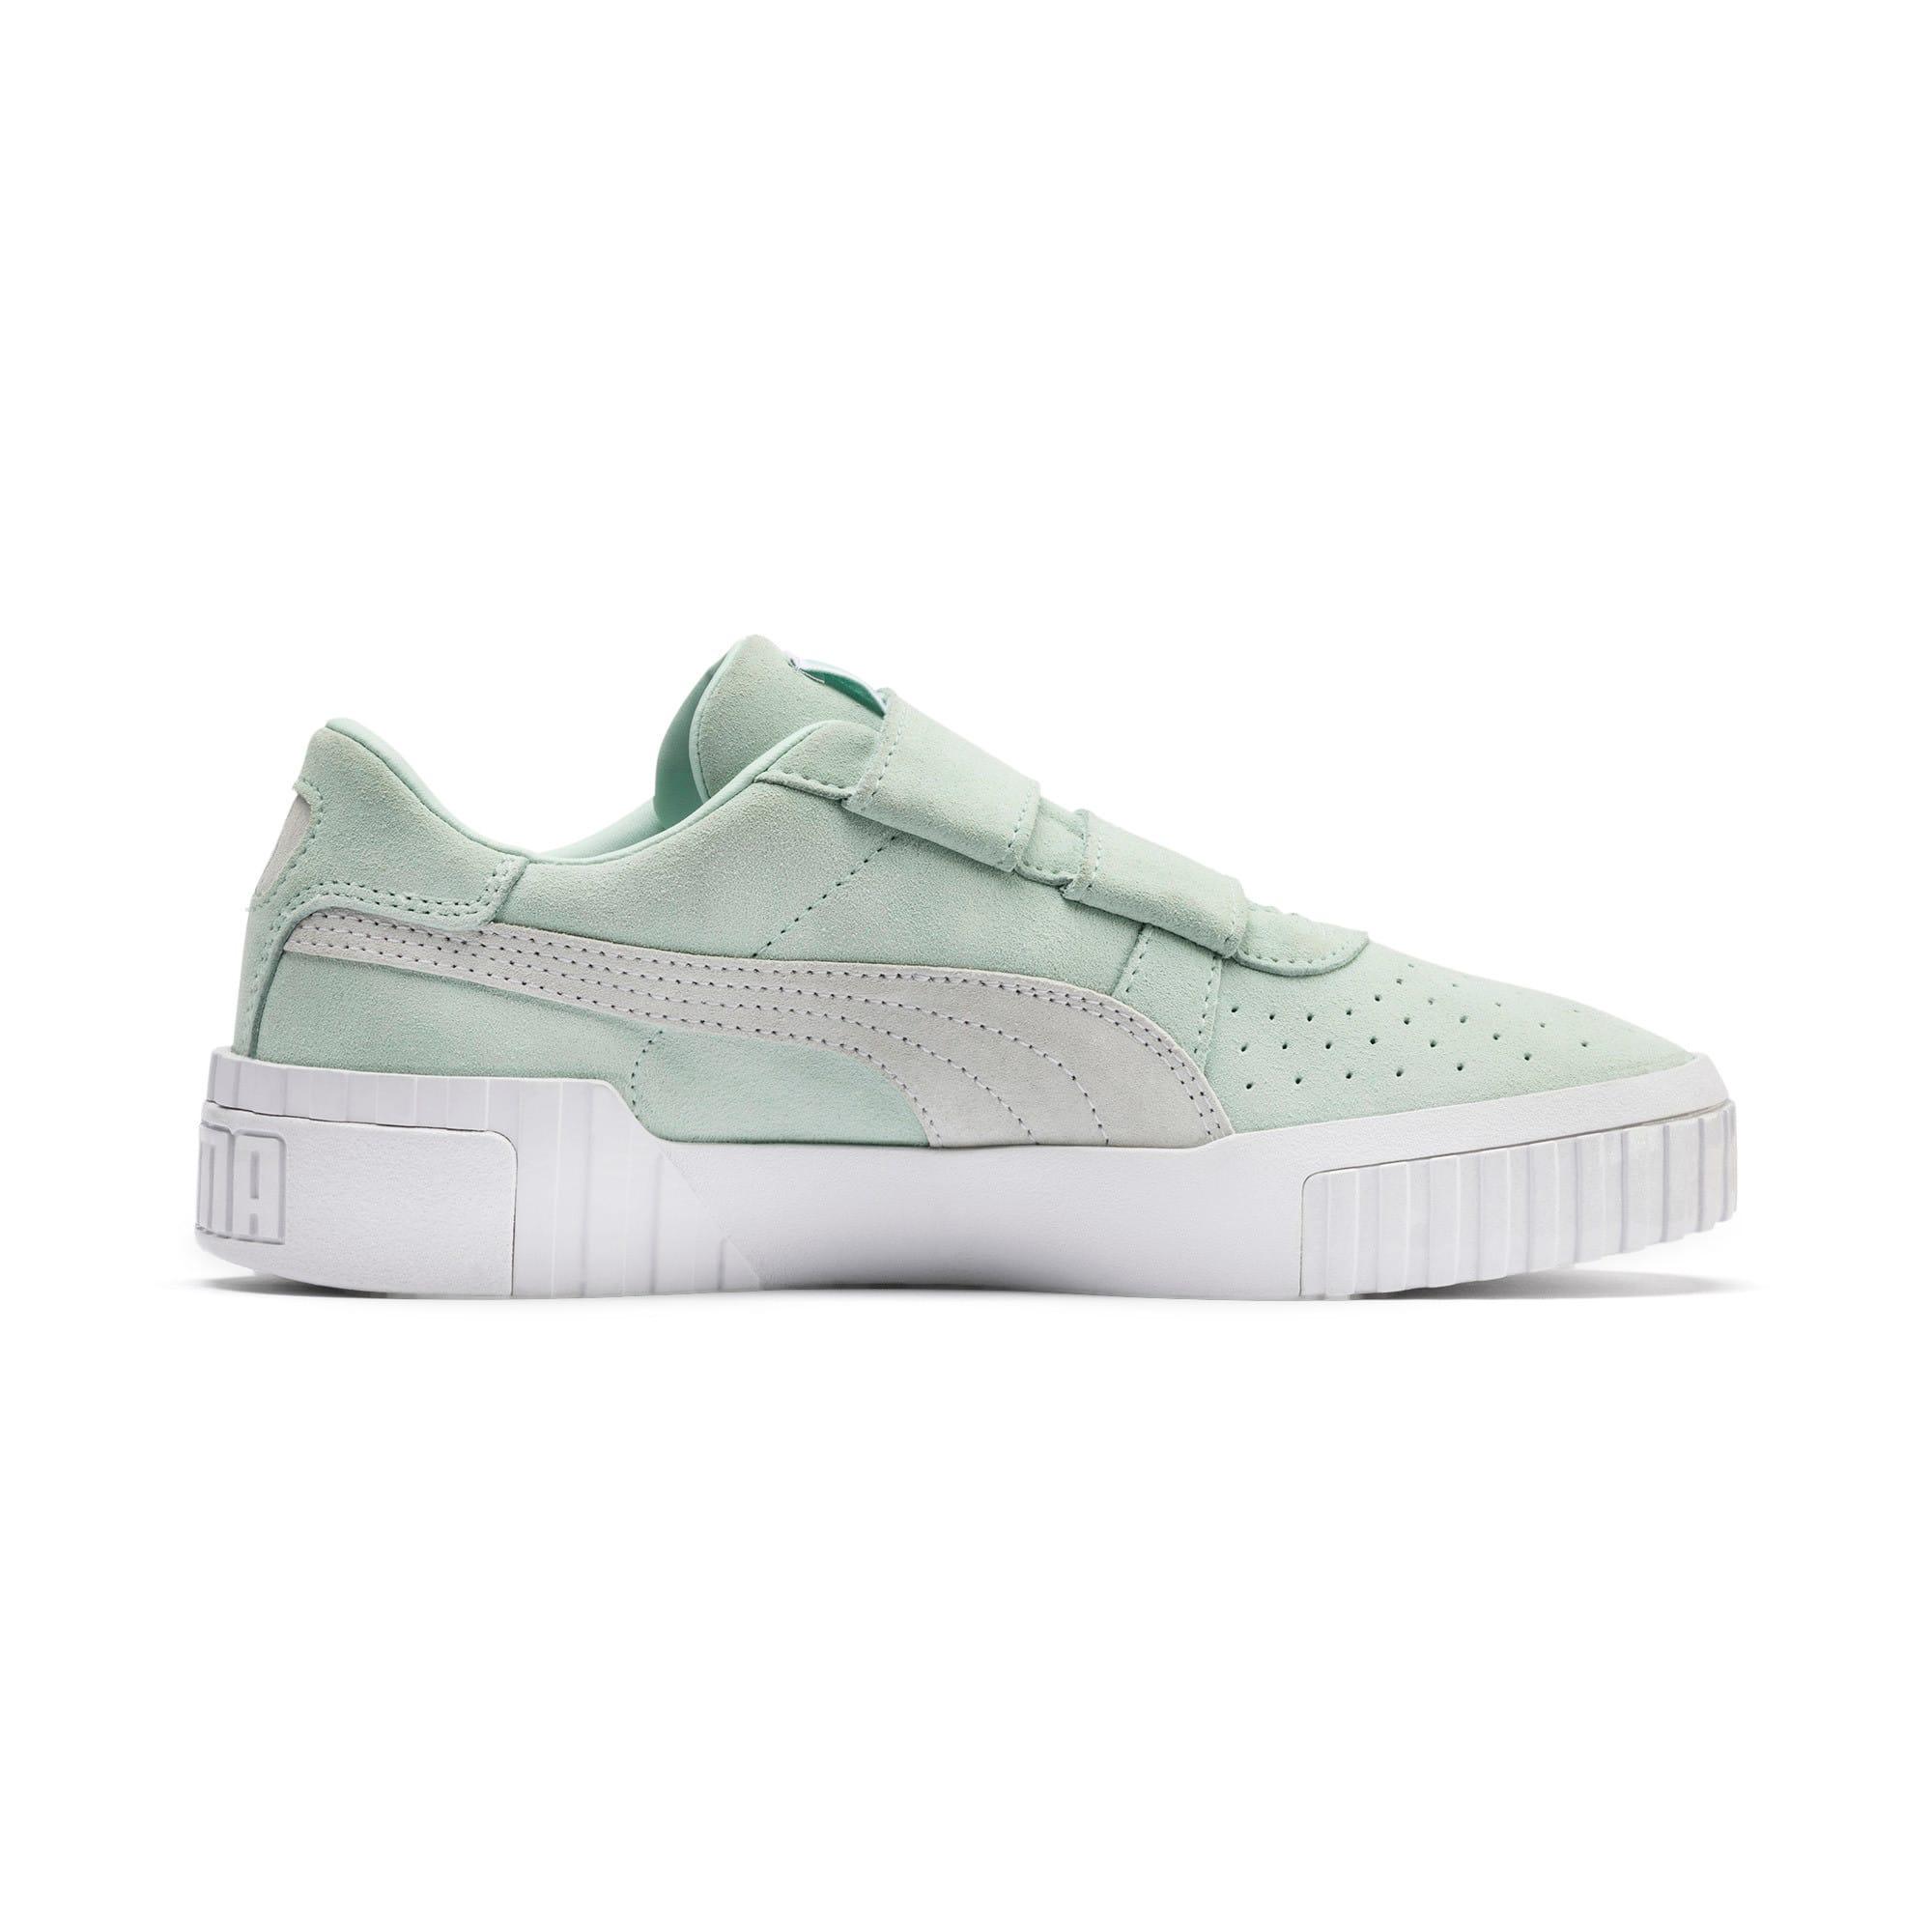 Thumbnail 6 of SG x Cali Suede Women's Sneakers, Fair Aqua-Puma White, medium